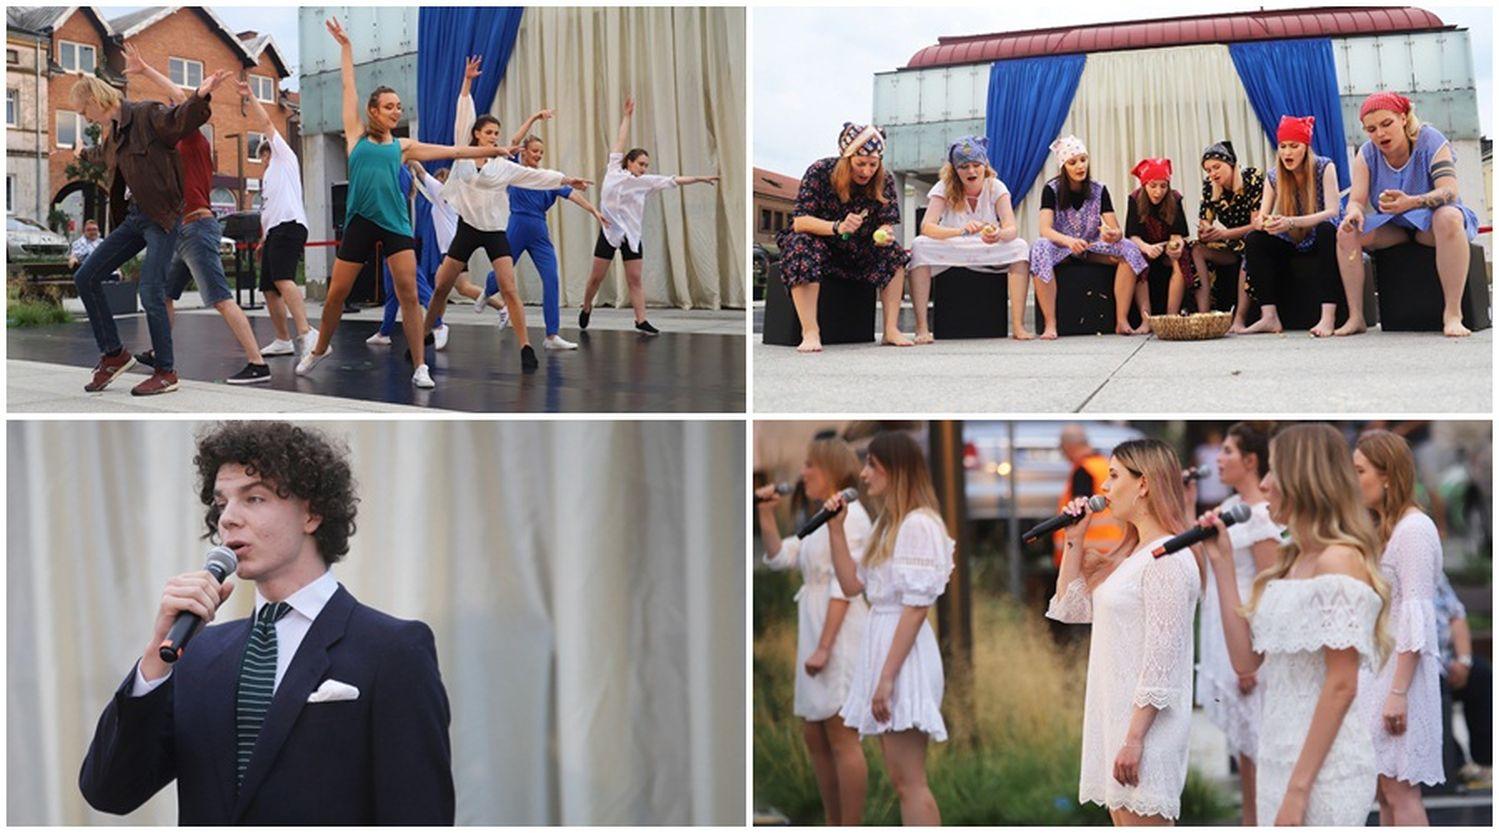 Taniec, śpiew i teatr w sercu Kutna. Talenty zachwyciły na Rynku Zduńskim [ZDJĘCIA] - Zdjęcie główne